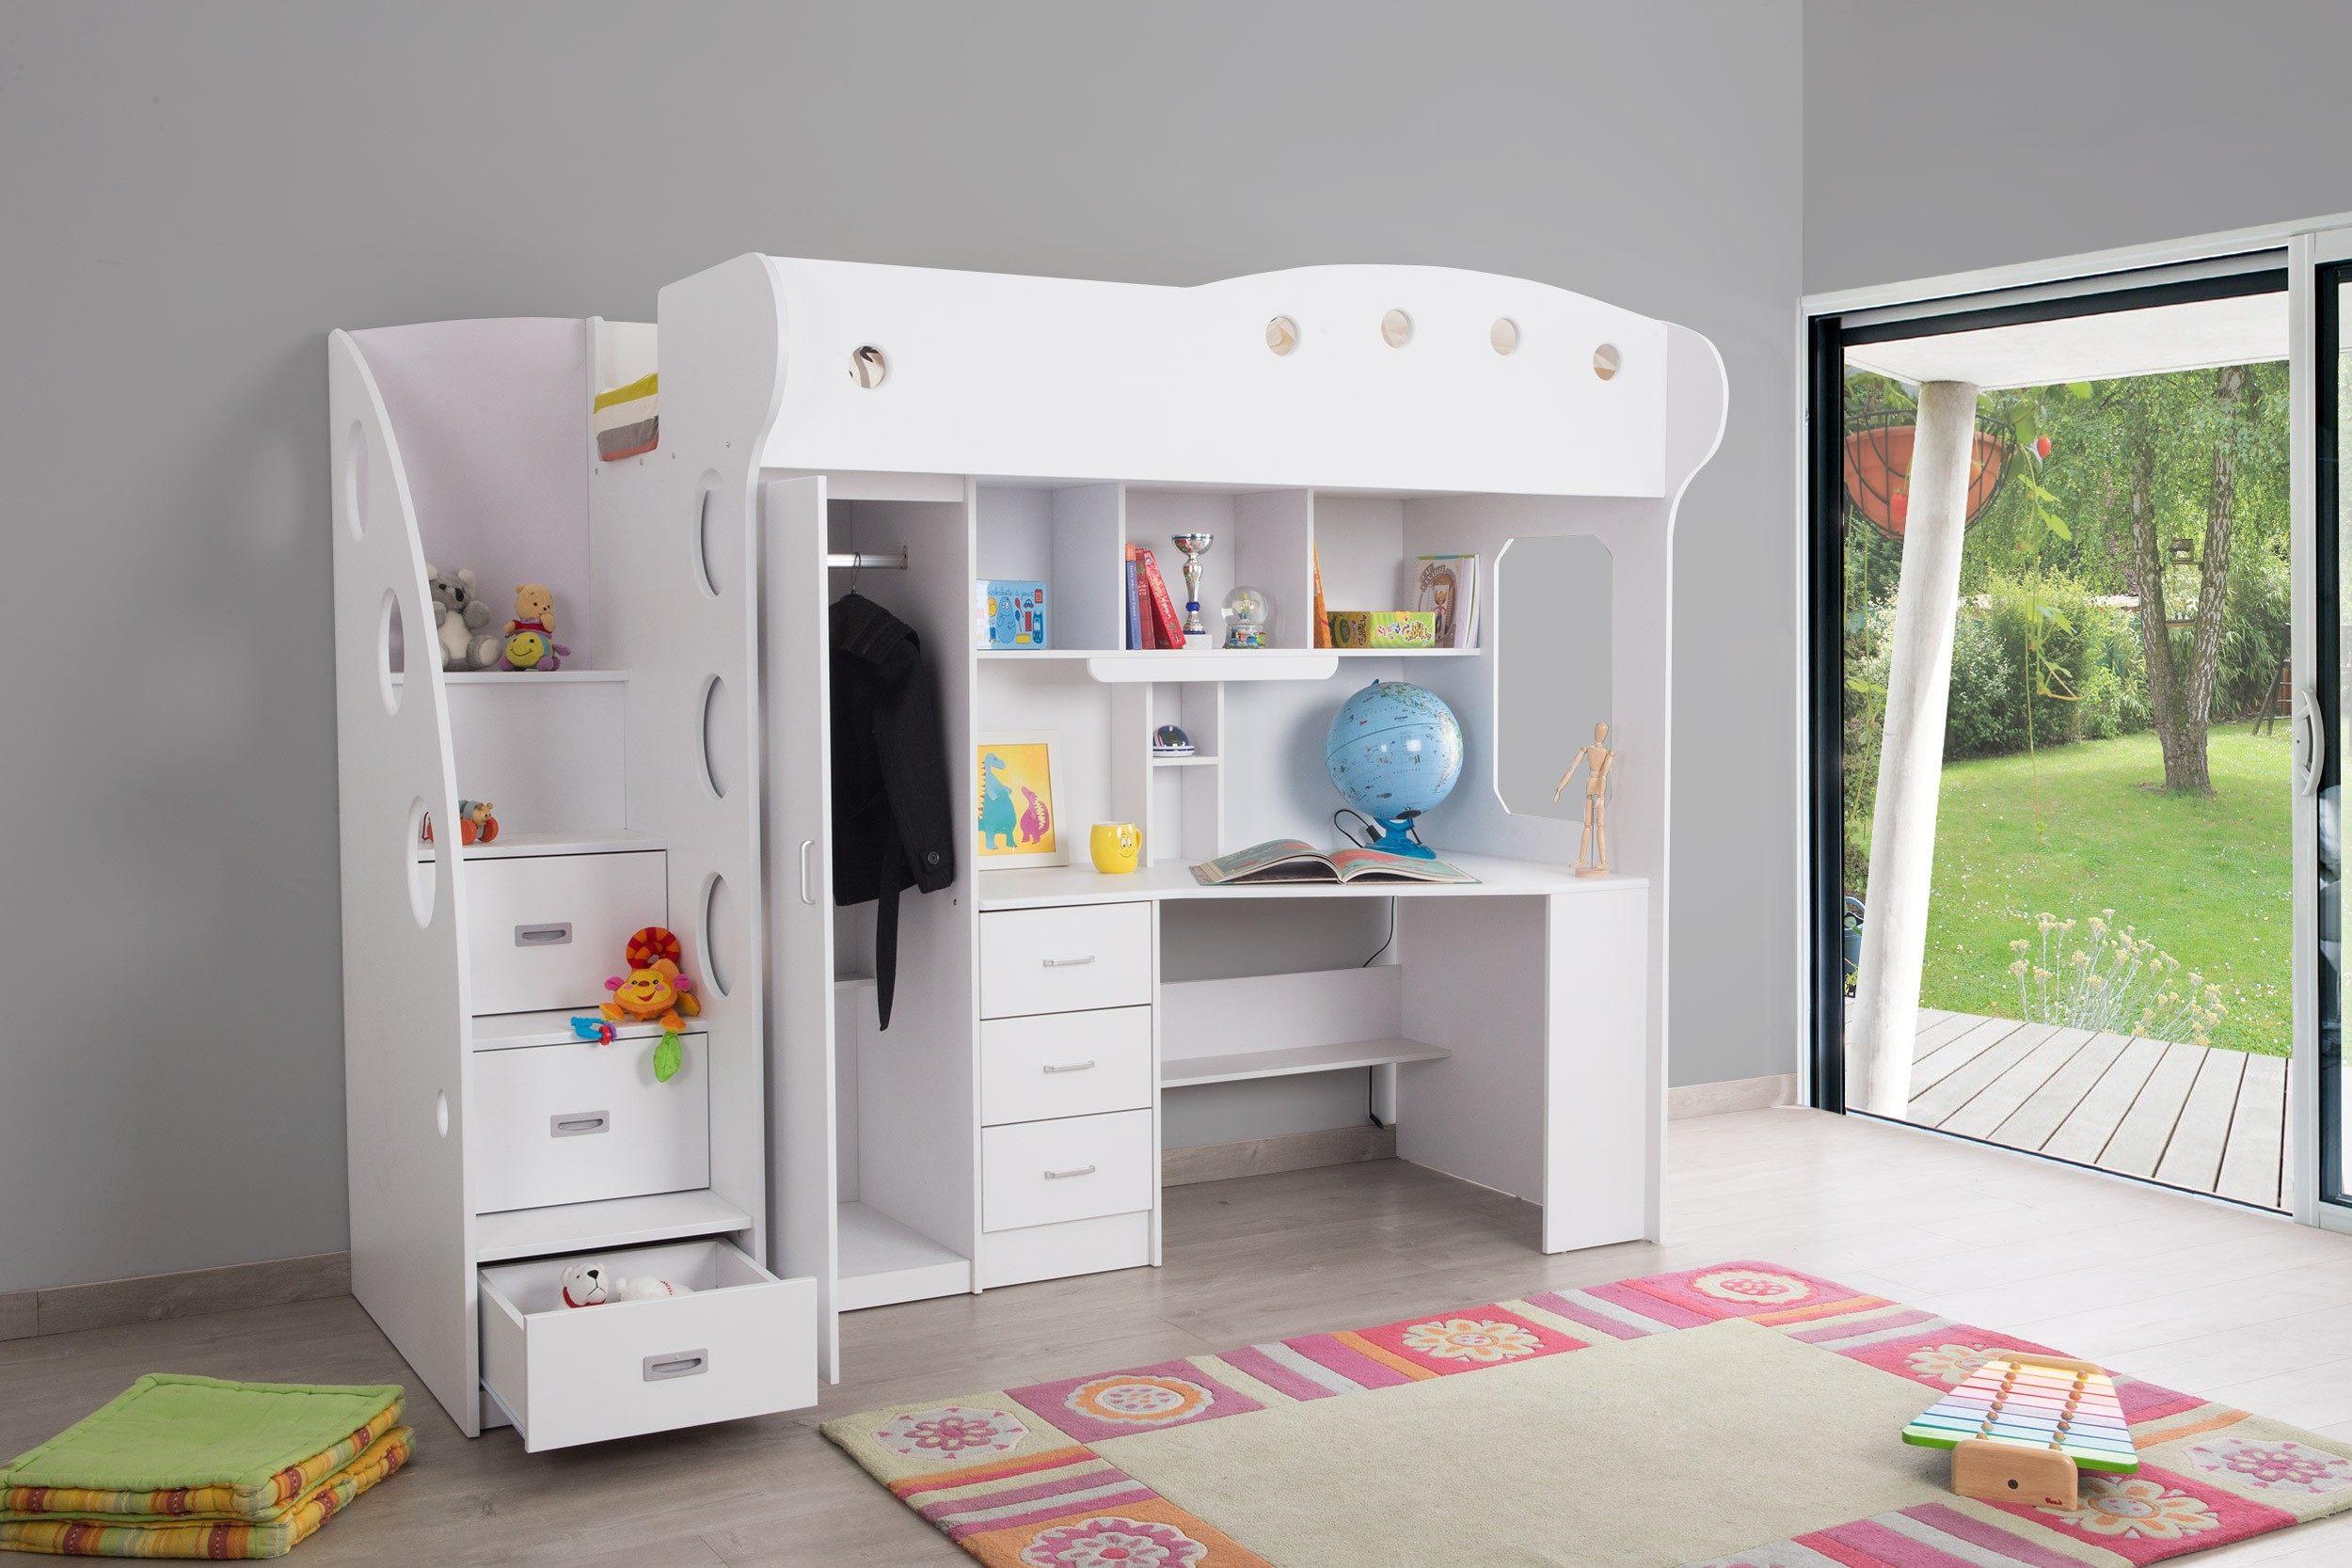 Lit Cabane Superposé Luxe Charmant Chambre Enfant Lit Superposé Et Lit Bine Ikea Maison Design